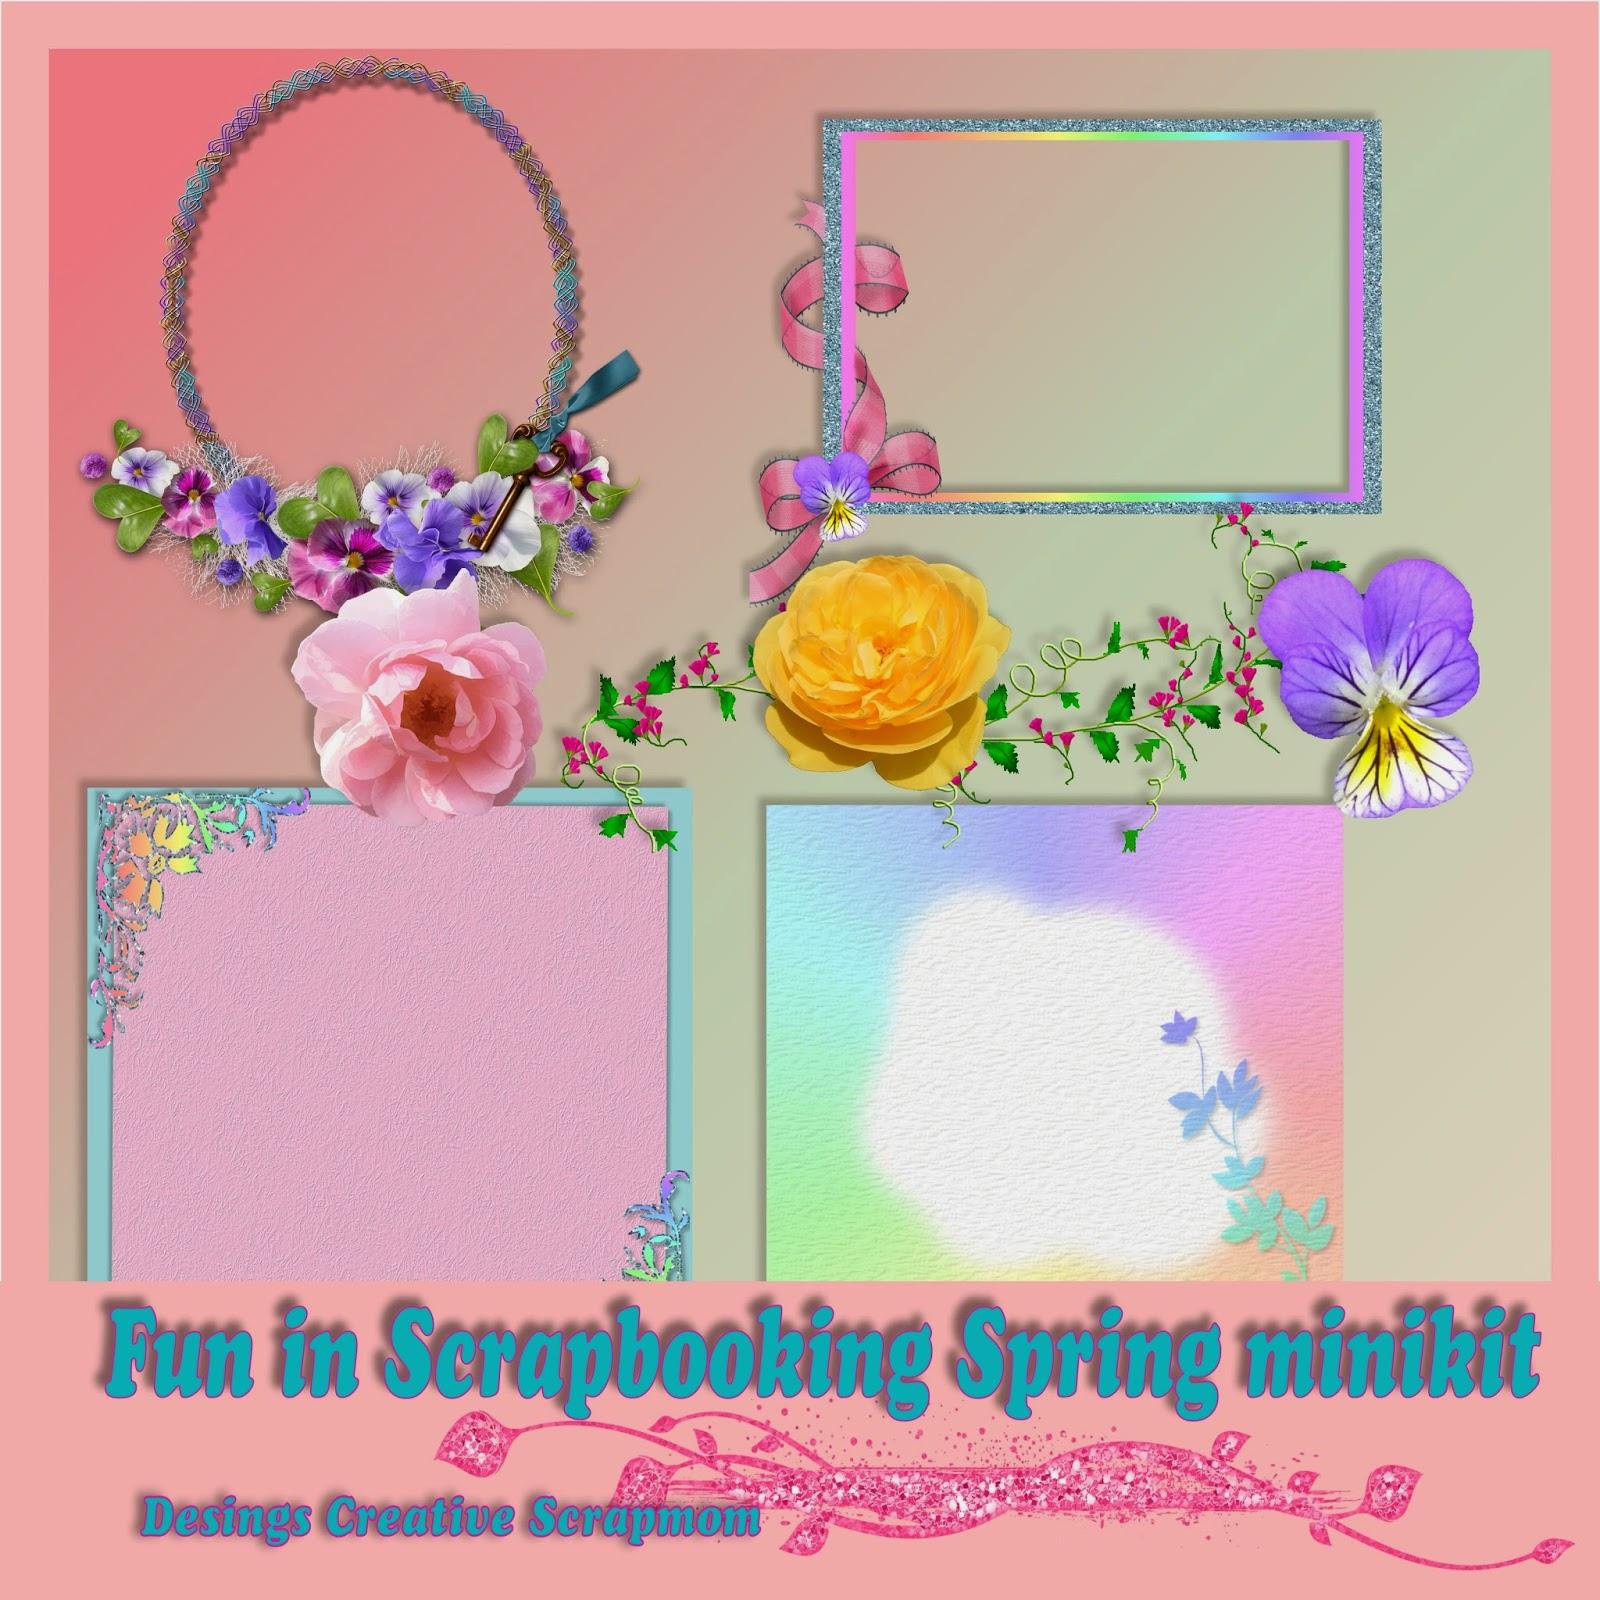 http://1.bp.blogspot.com/-0pRUWaM3dK8/VOwYE0En57I/AAAAAAAAGI4/R5KVOIat_ks/s1600/Preview.jpg